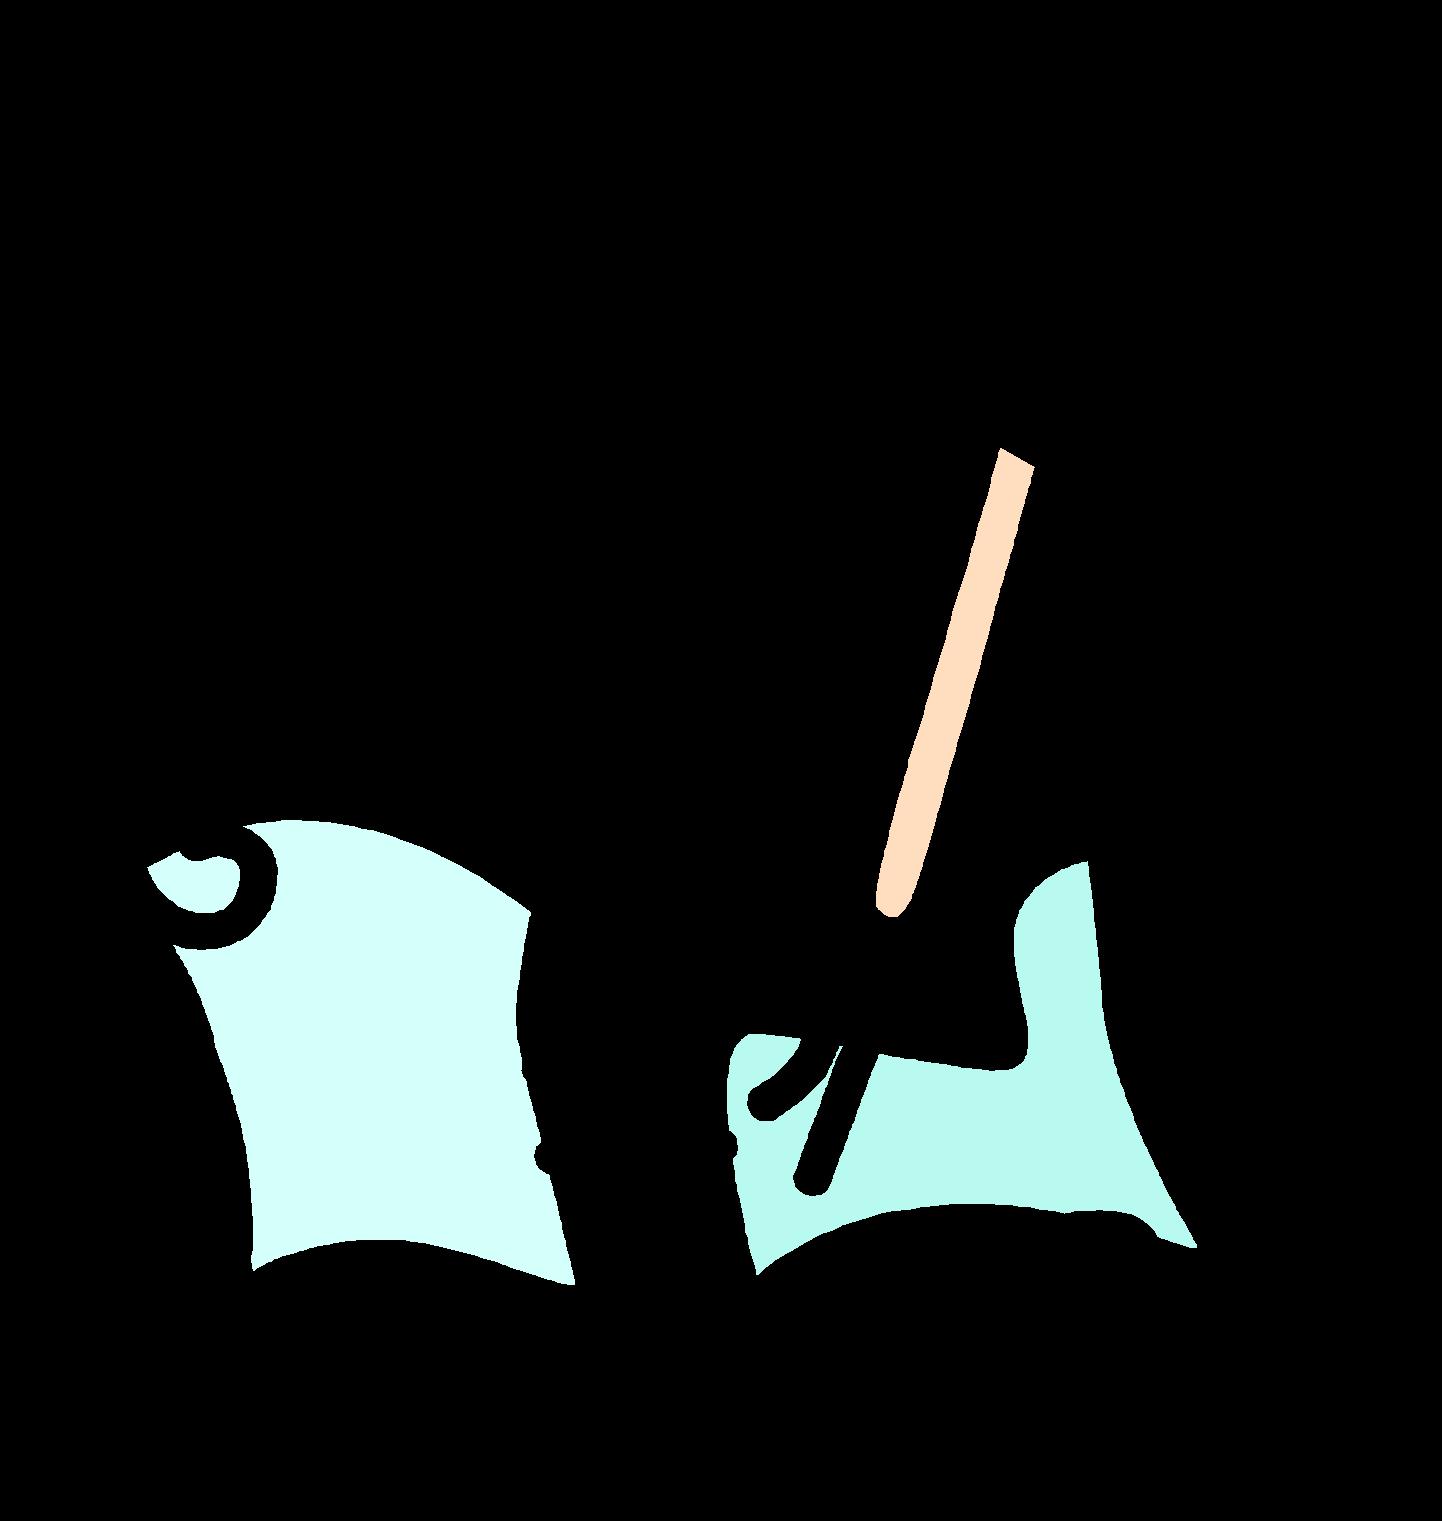 Анимация тетрадь с ручкой